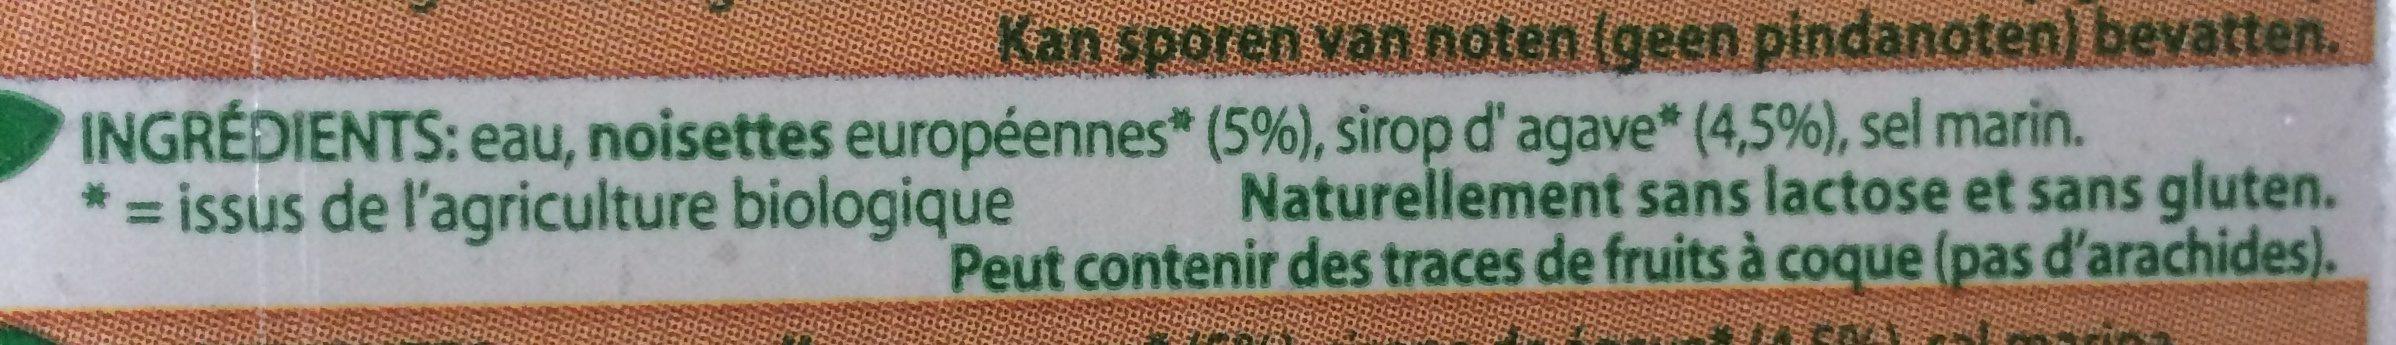 Boisson Aux Noisettes Bio - Ingredients